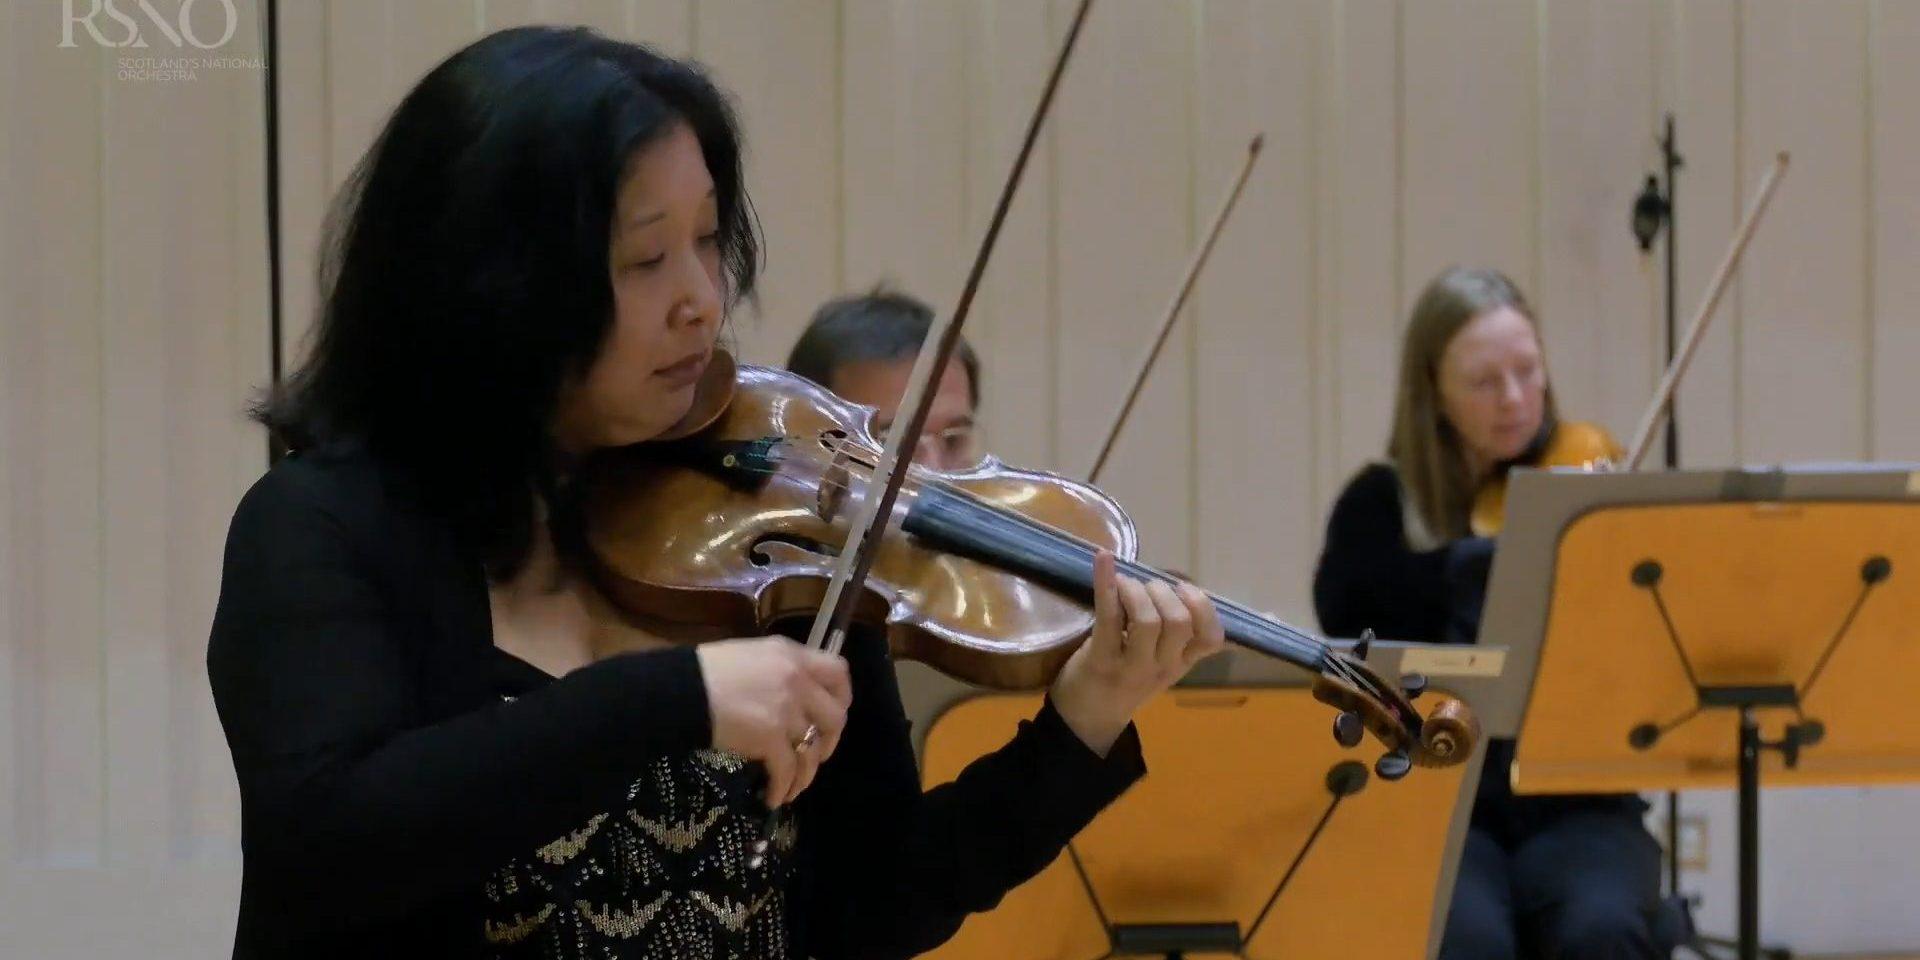 Chevalier de Saint-Georges – Violin Concerto in A Major